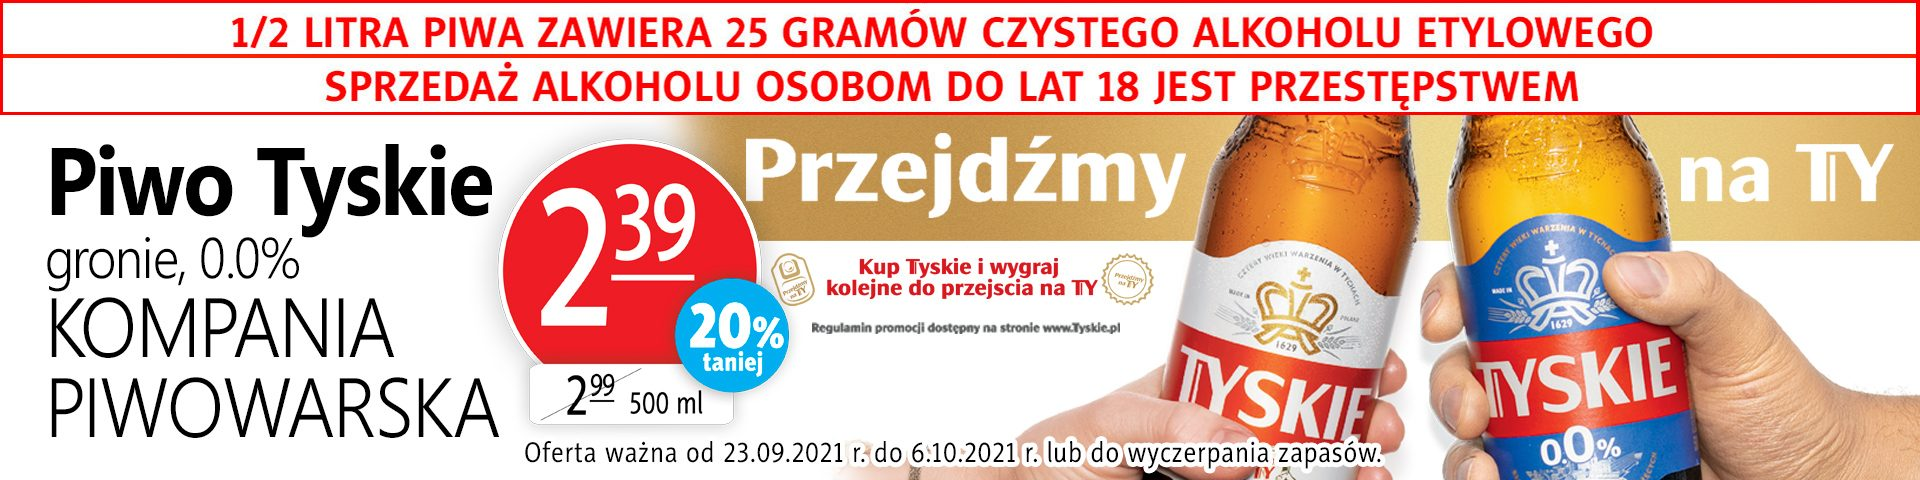 billboard_23_09_6_10_2021_tyskie_v2